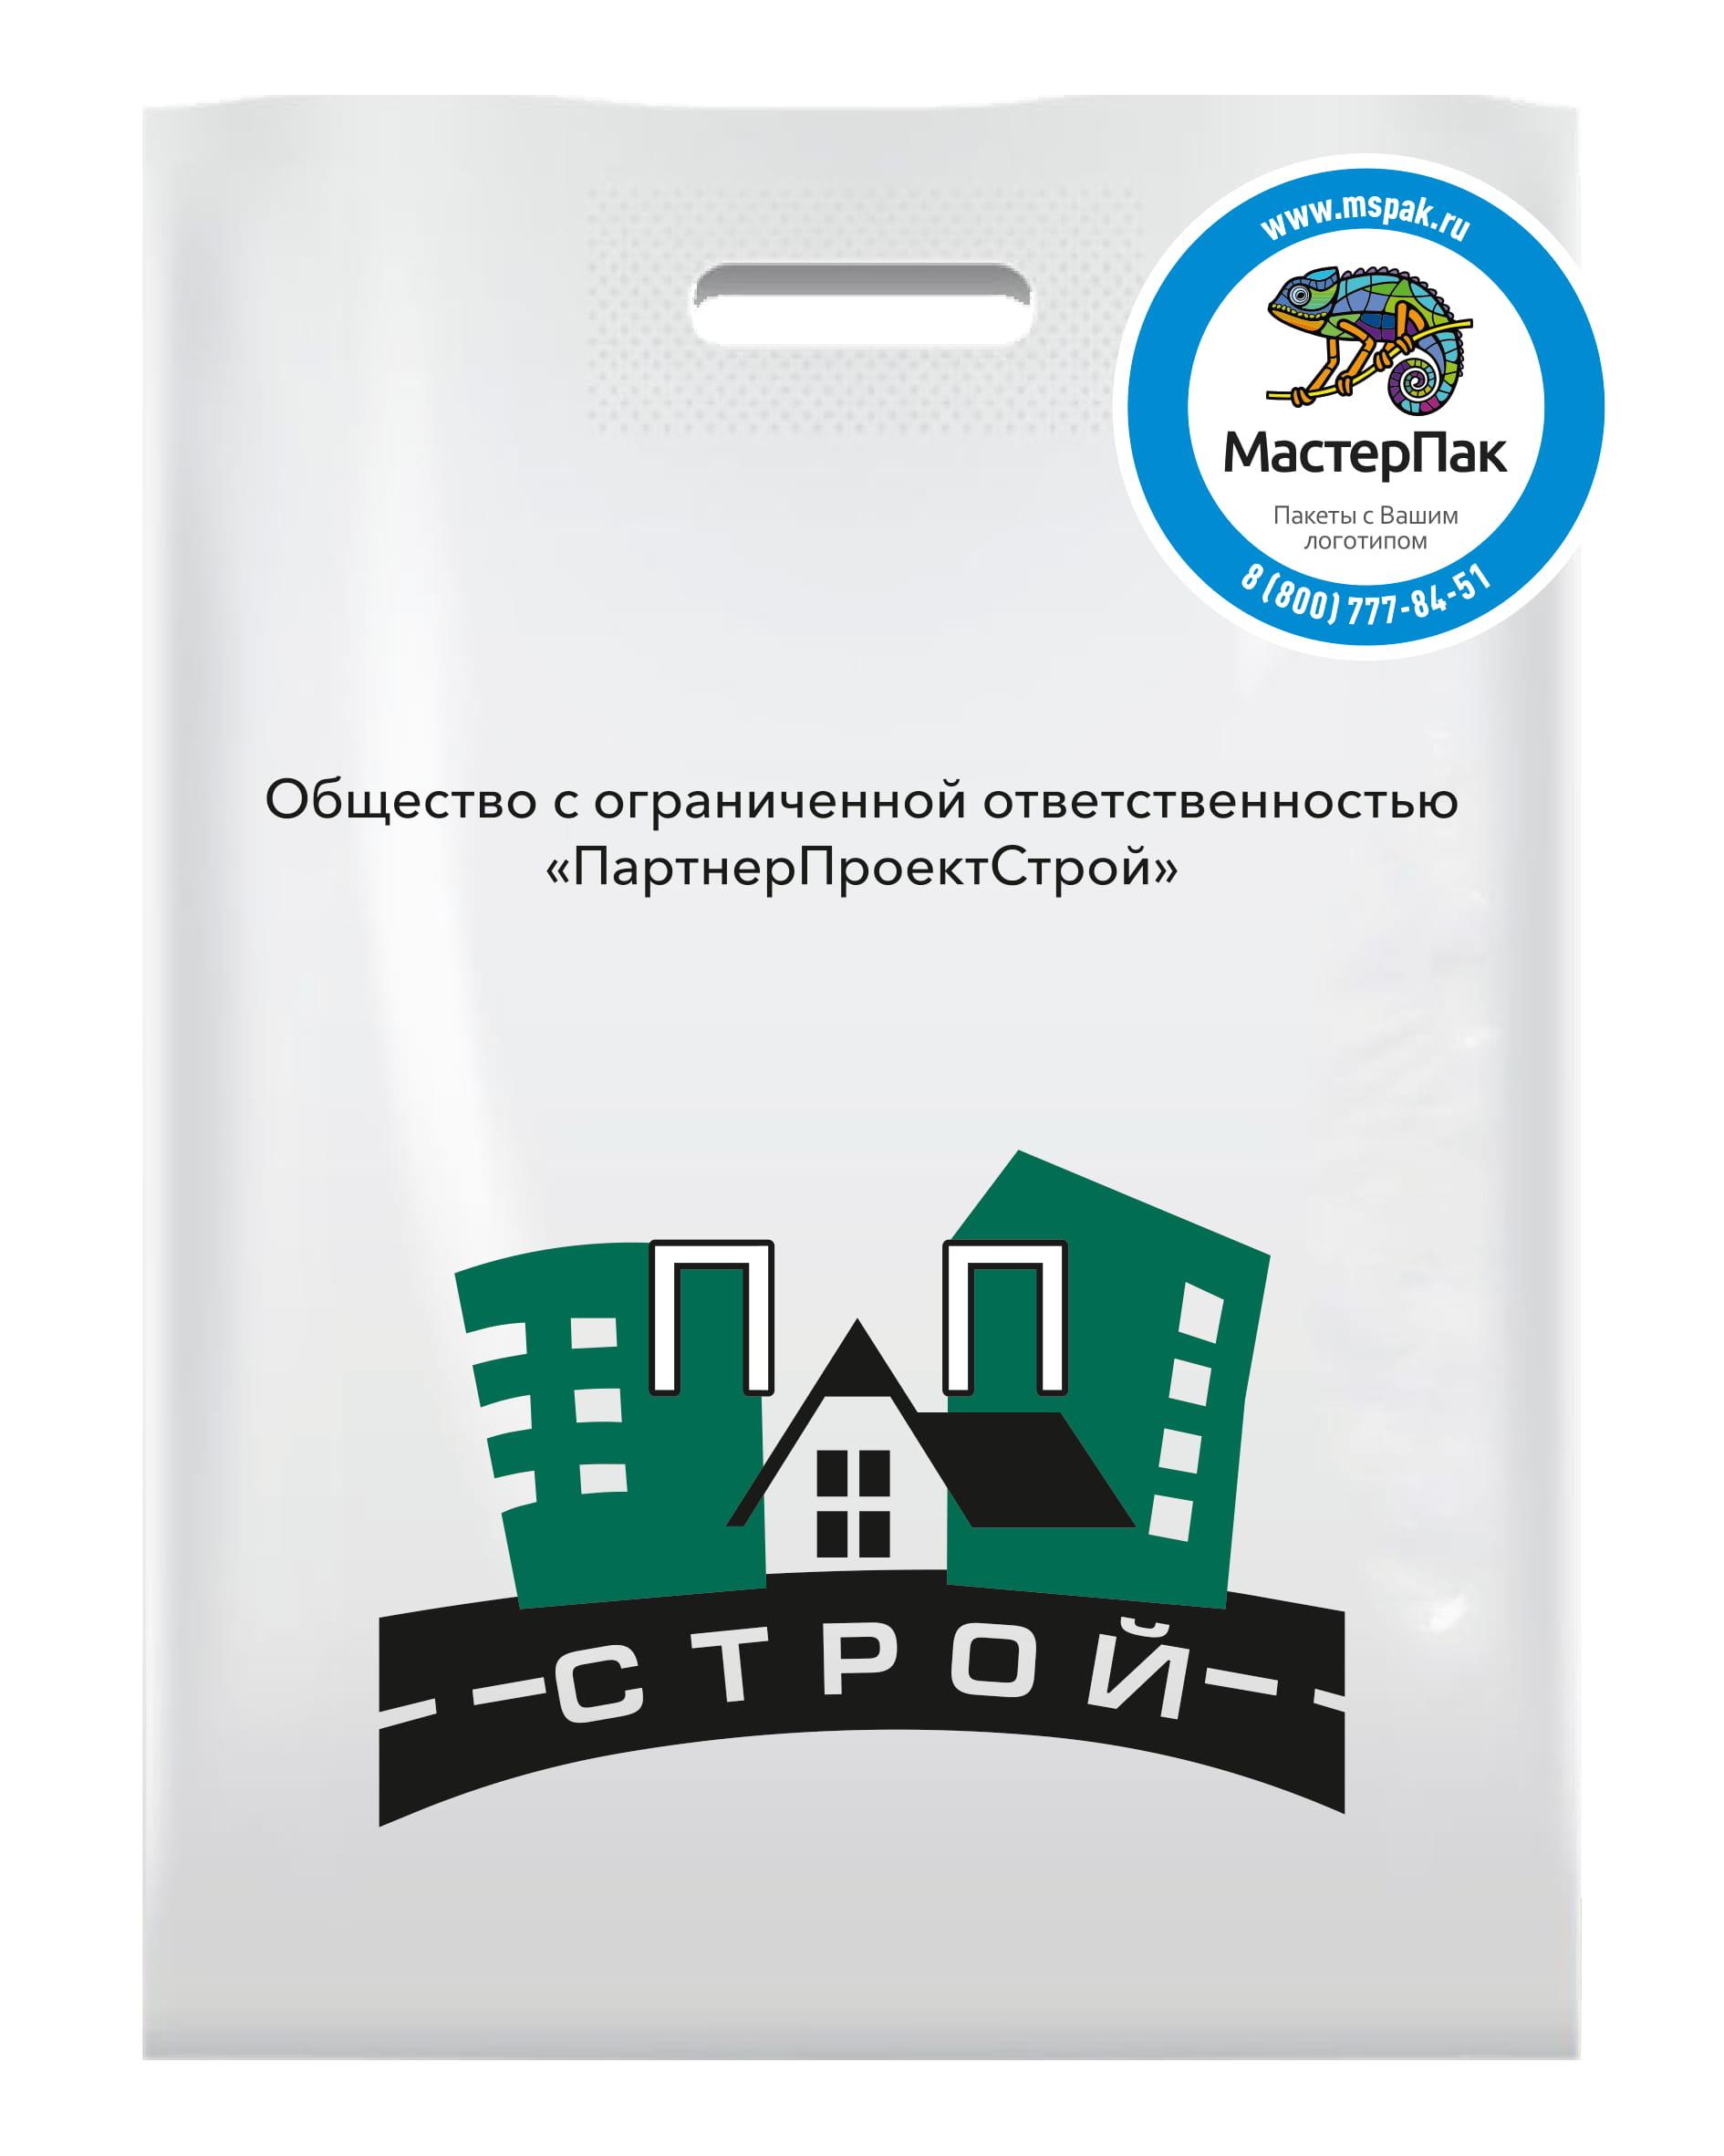 Пакет ПВД с логотипом ПартнерПроектСтрой, Спб, 70 мкм, 30*40